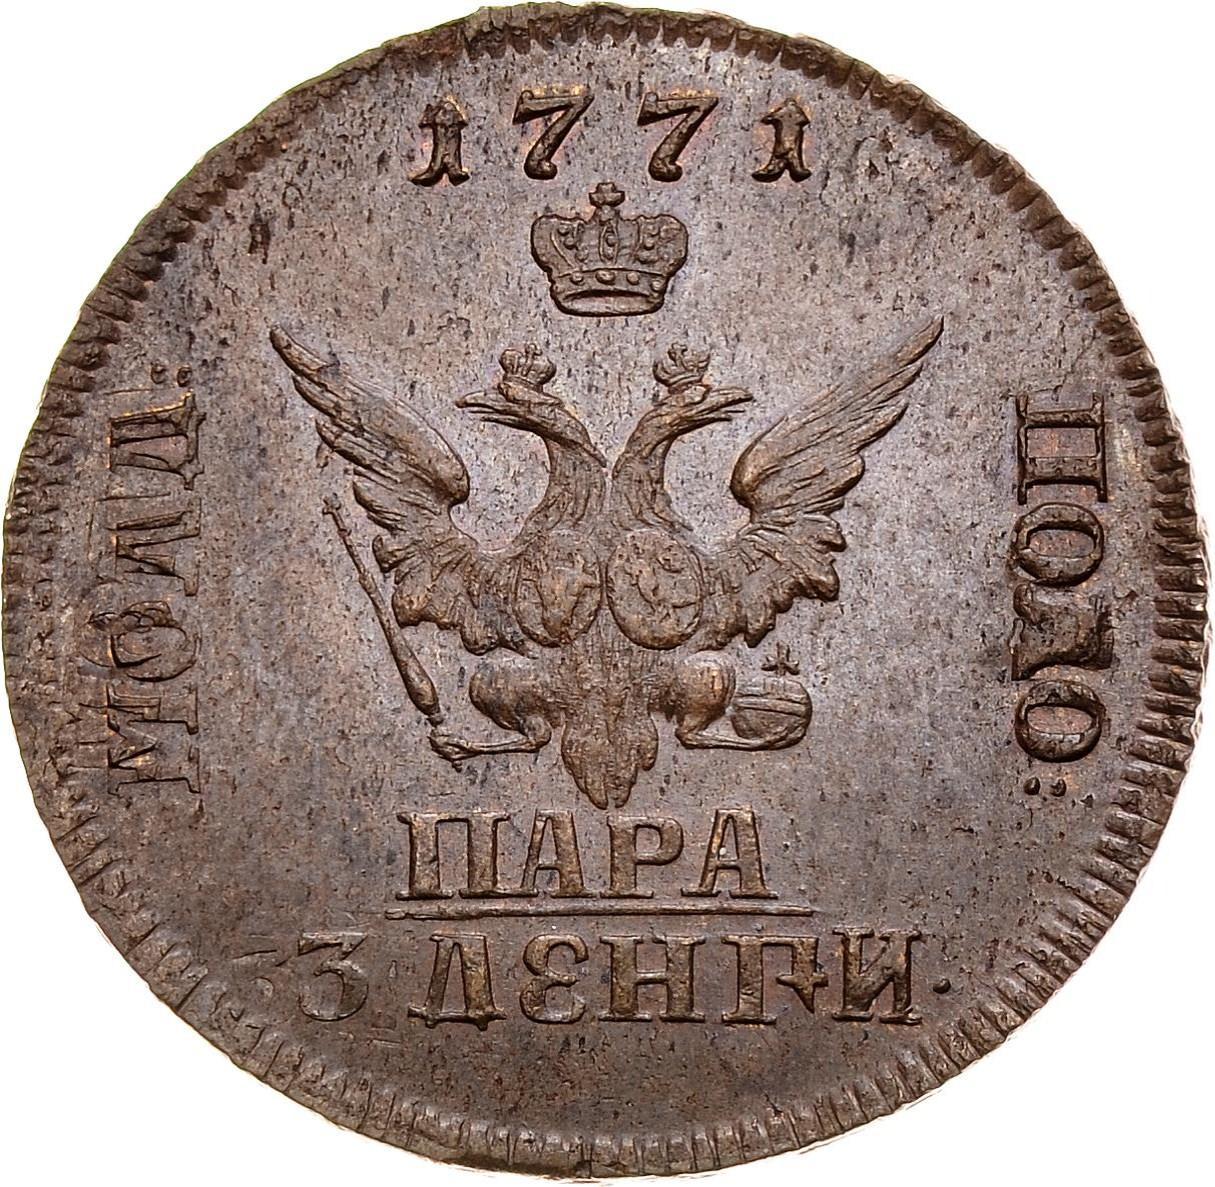 Пара - 3 денги 1771 г. Для Молдавии и Валахии (Екатерина II). Орел на аверсе. Под орлом ПАРА - 3 ДЕНГИ. Монограмма на реверсе